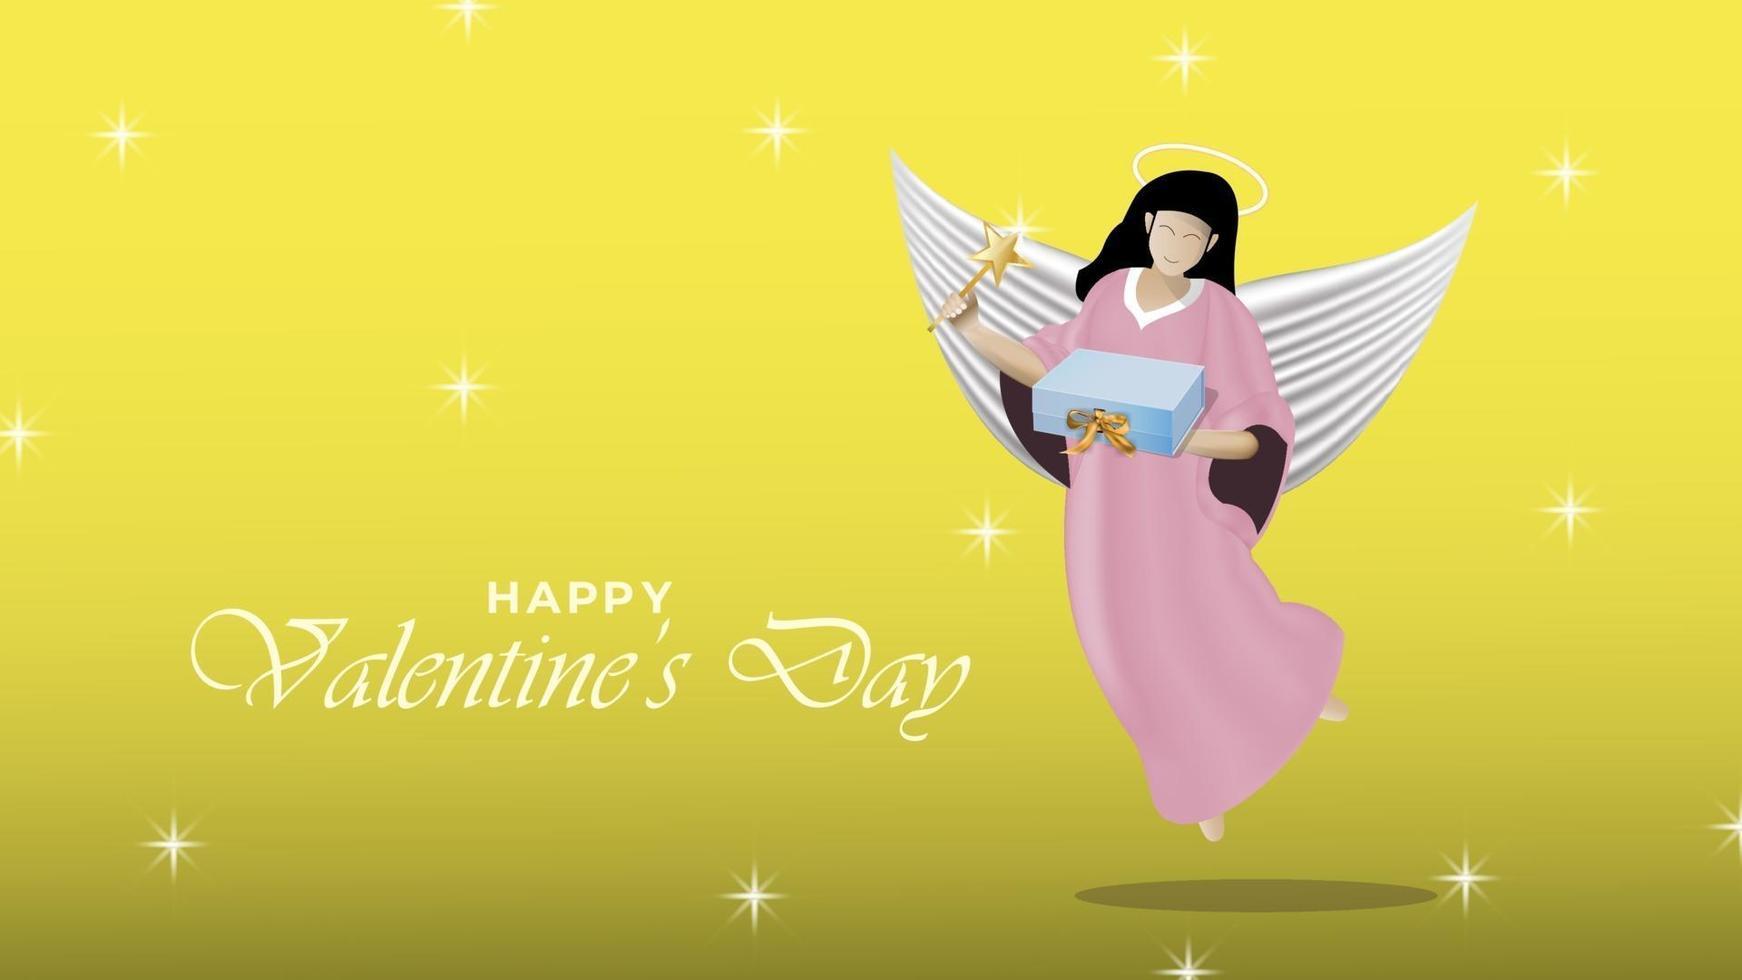 felice giorno di San Valentino sfondo con angelo realistico dando un regalo oggetti di design vettore